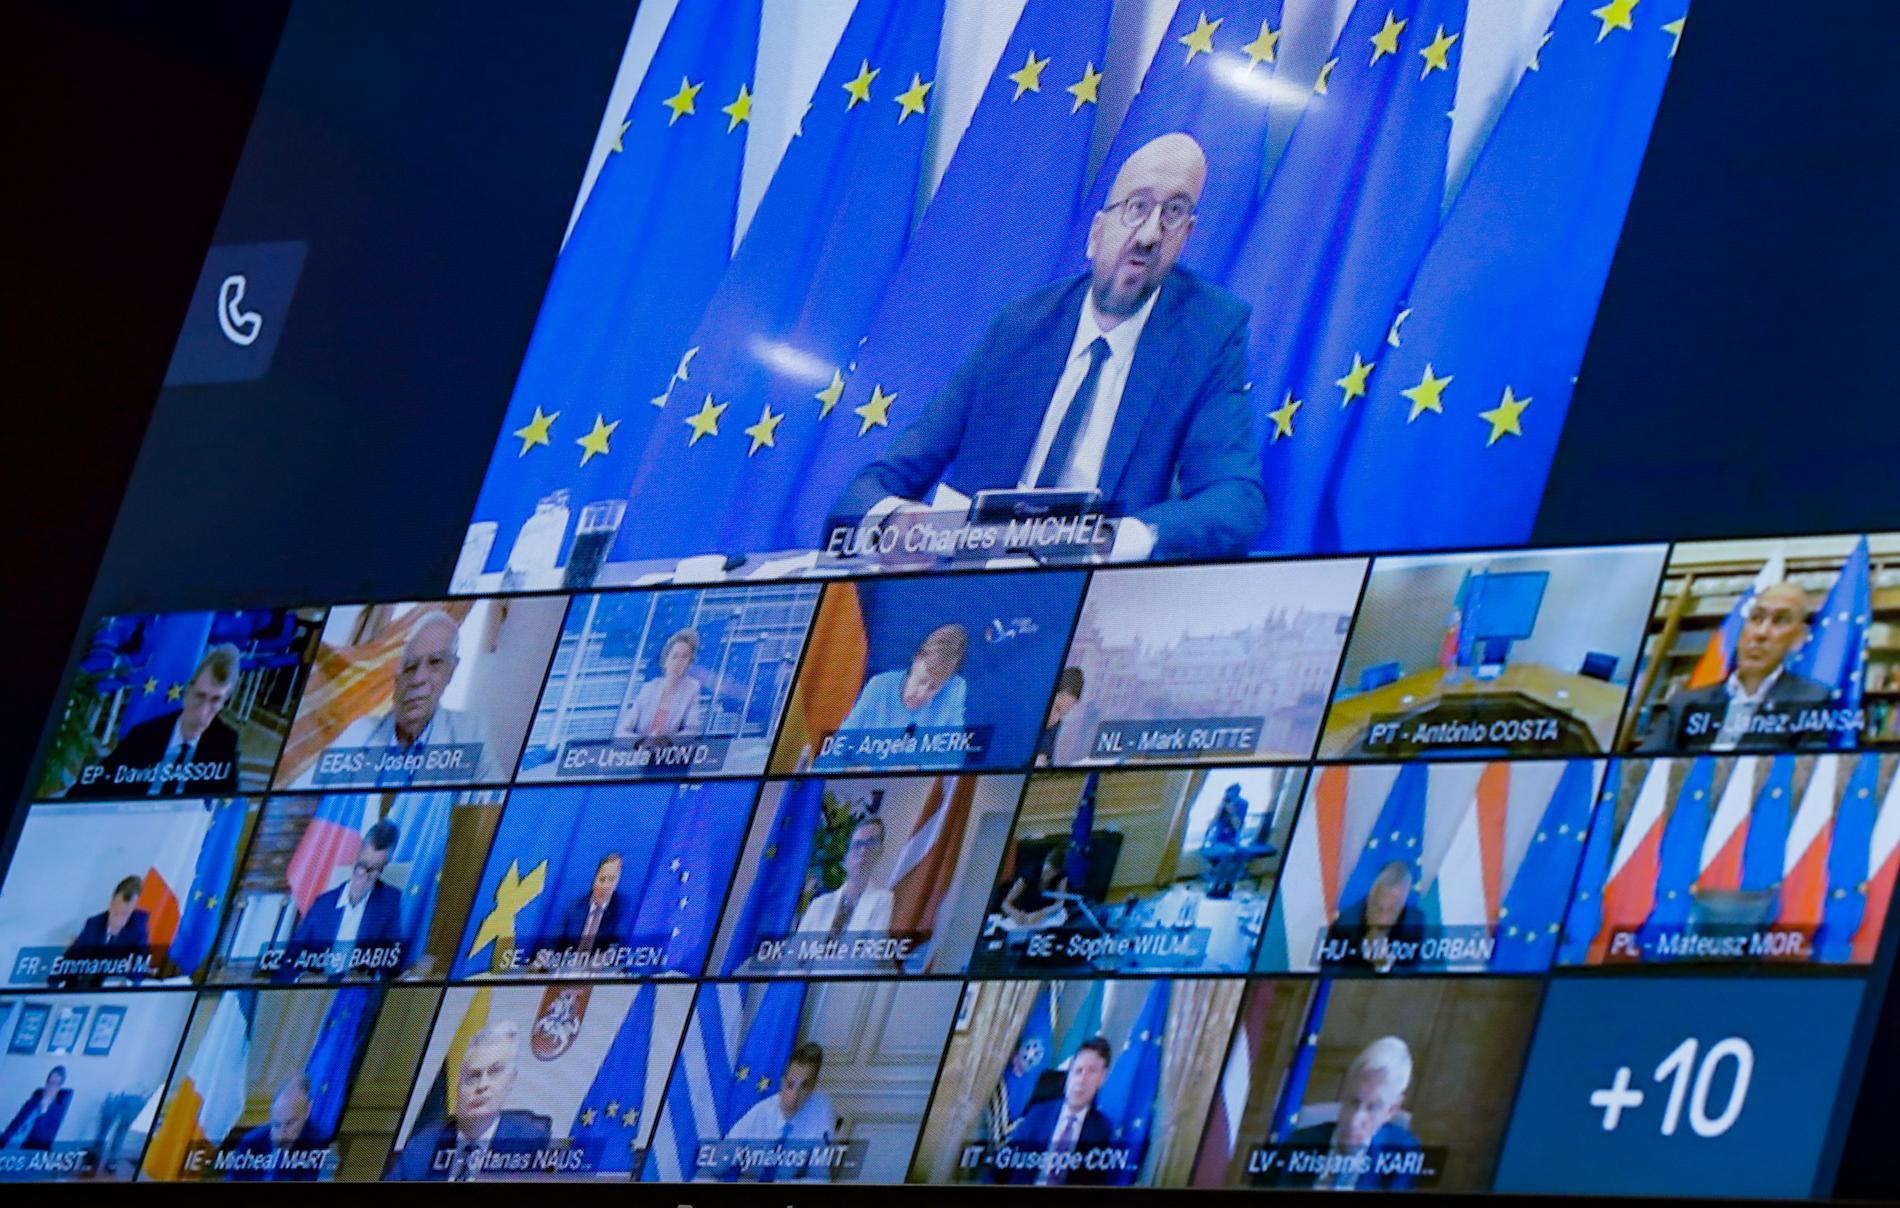 EU:s stats- och regeringschefer höll under vårens coronakris en rad webbmöten. Nu återupptas traditionen för att utbyta tankar om smittspridningsläget. Arkivfoto.